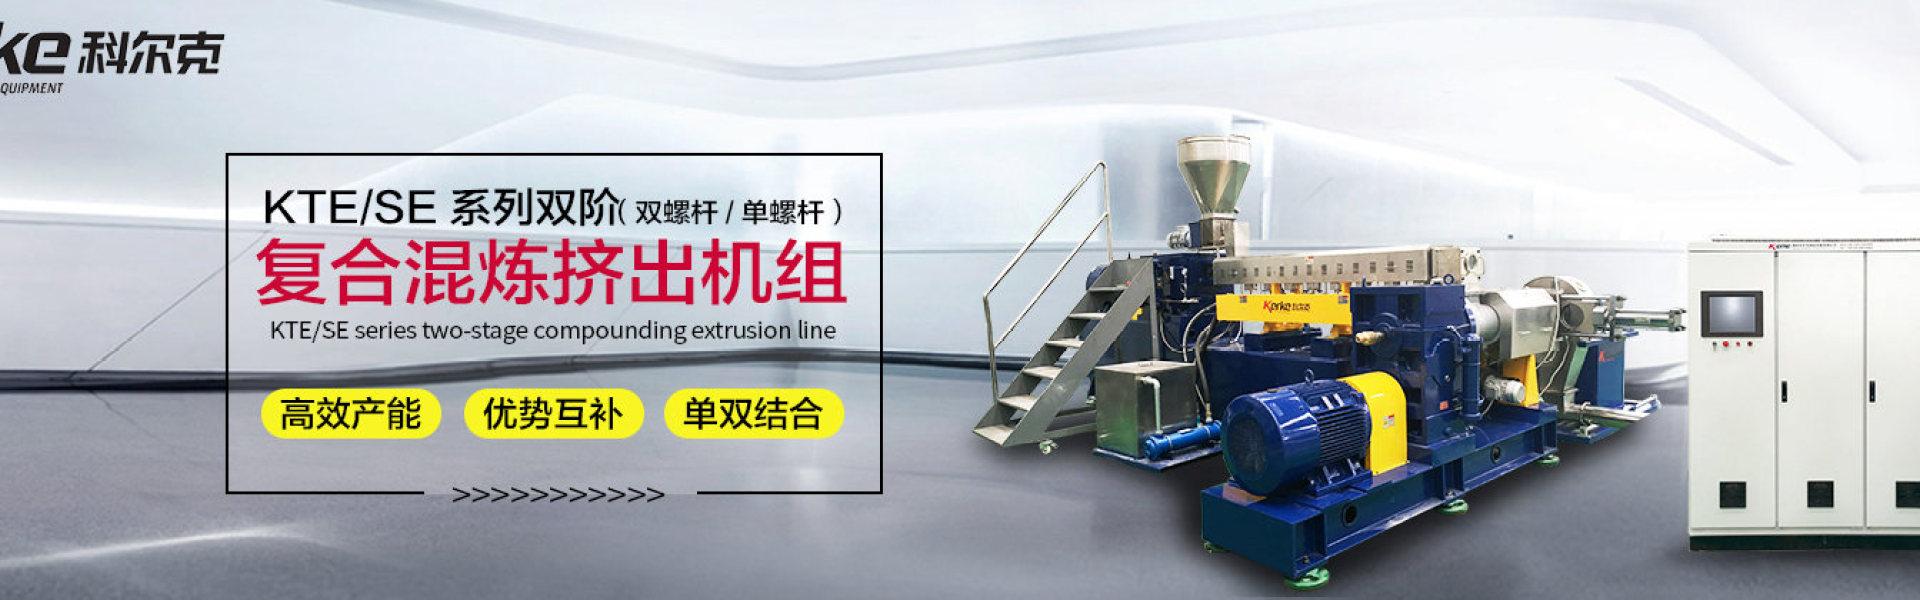 PVC电缆料造粒机,双阶子母造粒机,75-180双阶造粒机